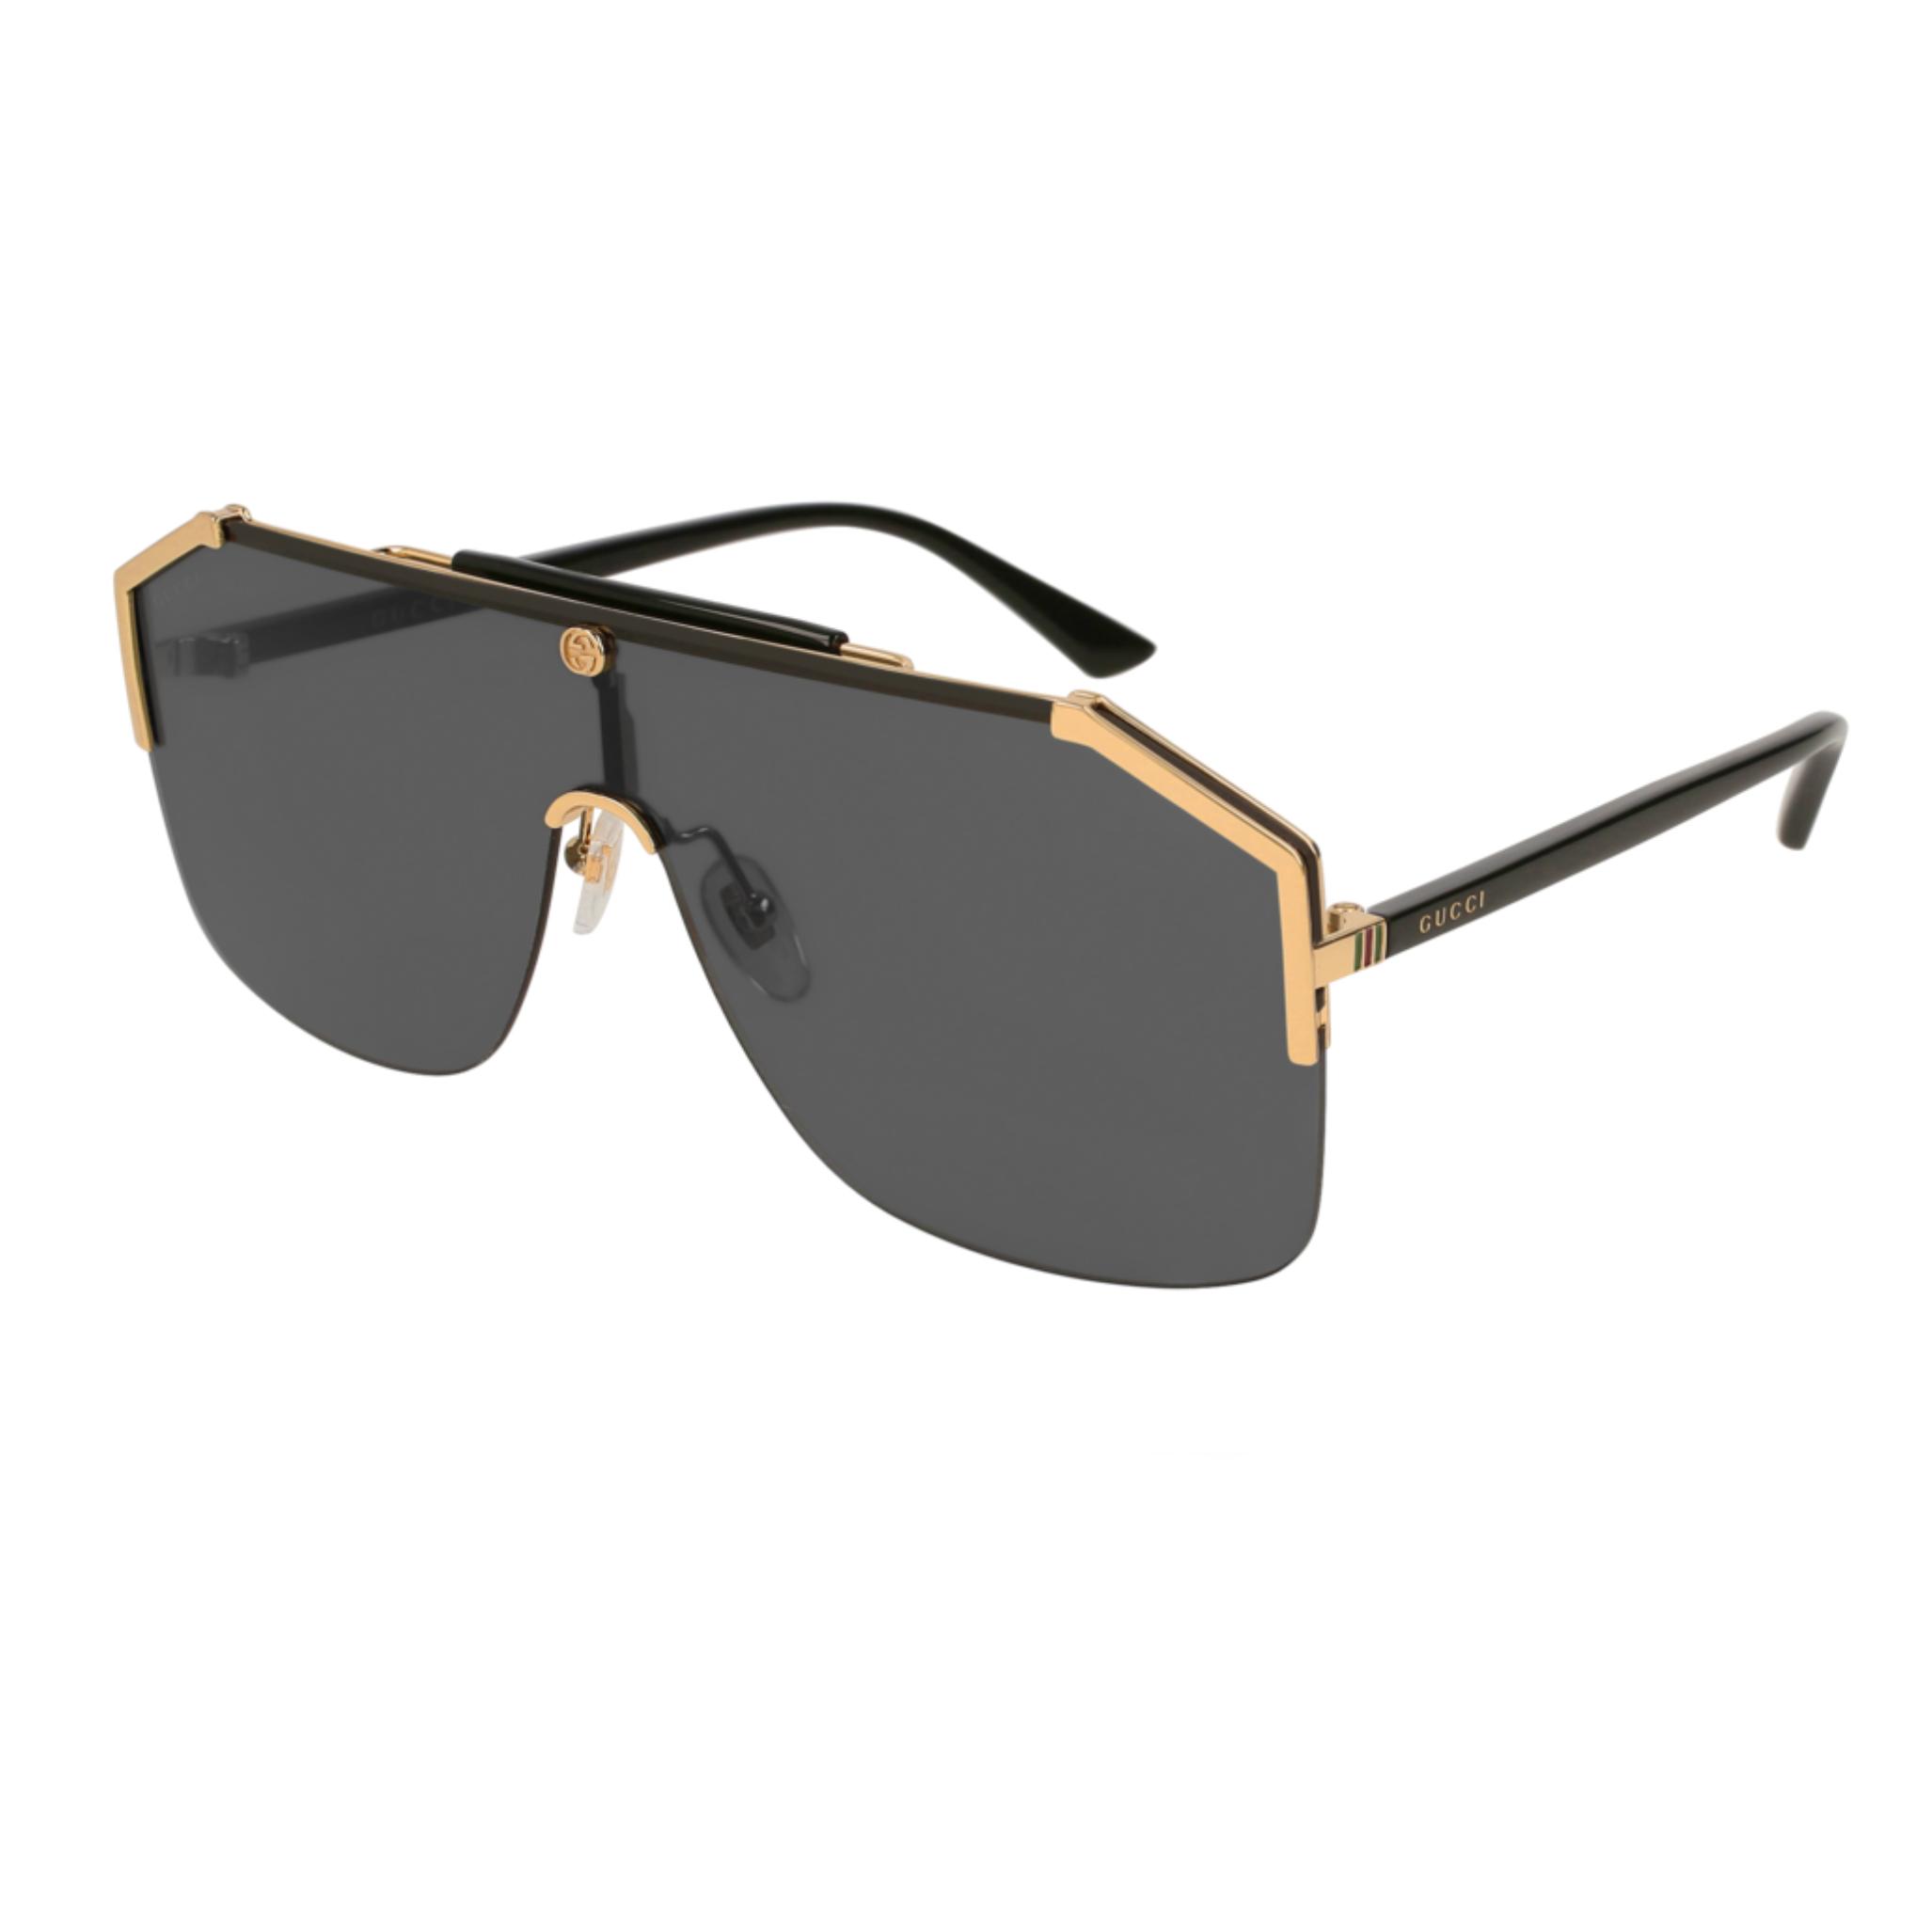 f103fd0559d019 Shop Gucci GG 0291S zonnebrillen - Optiek Lammerant Deinze